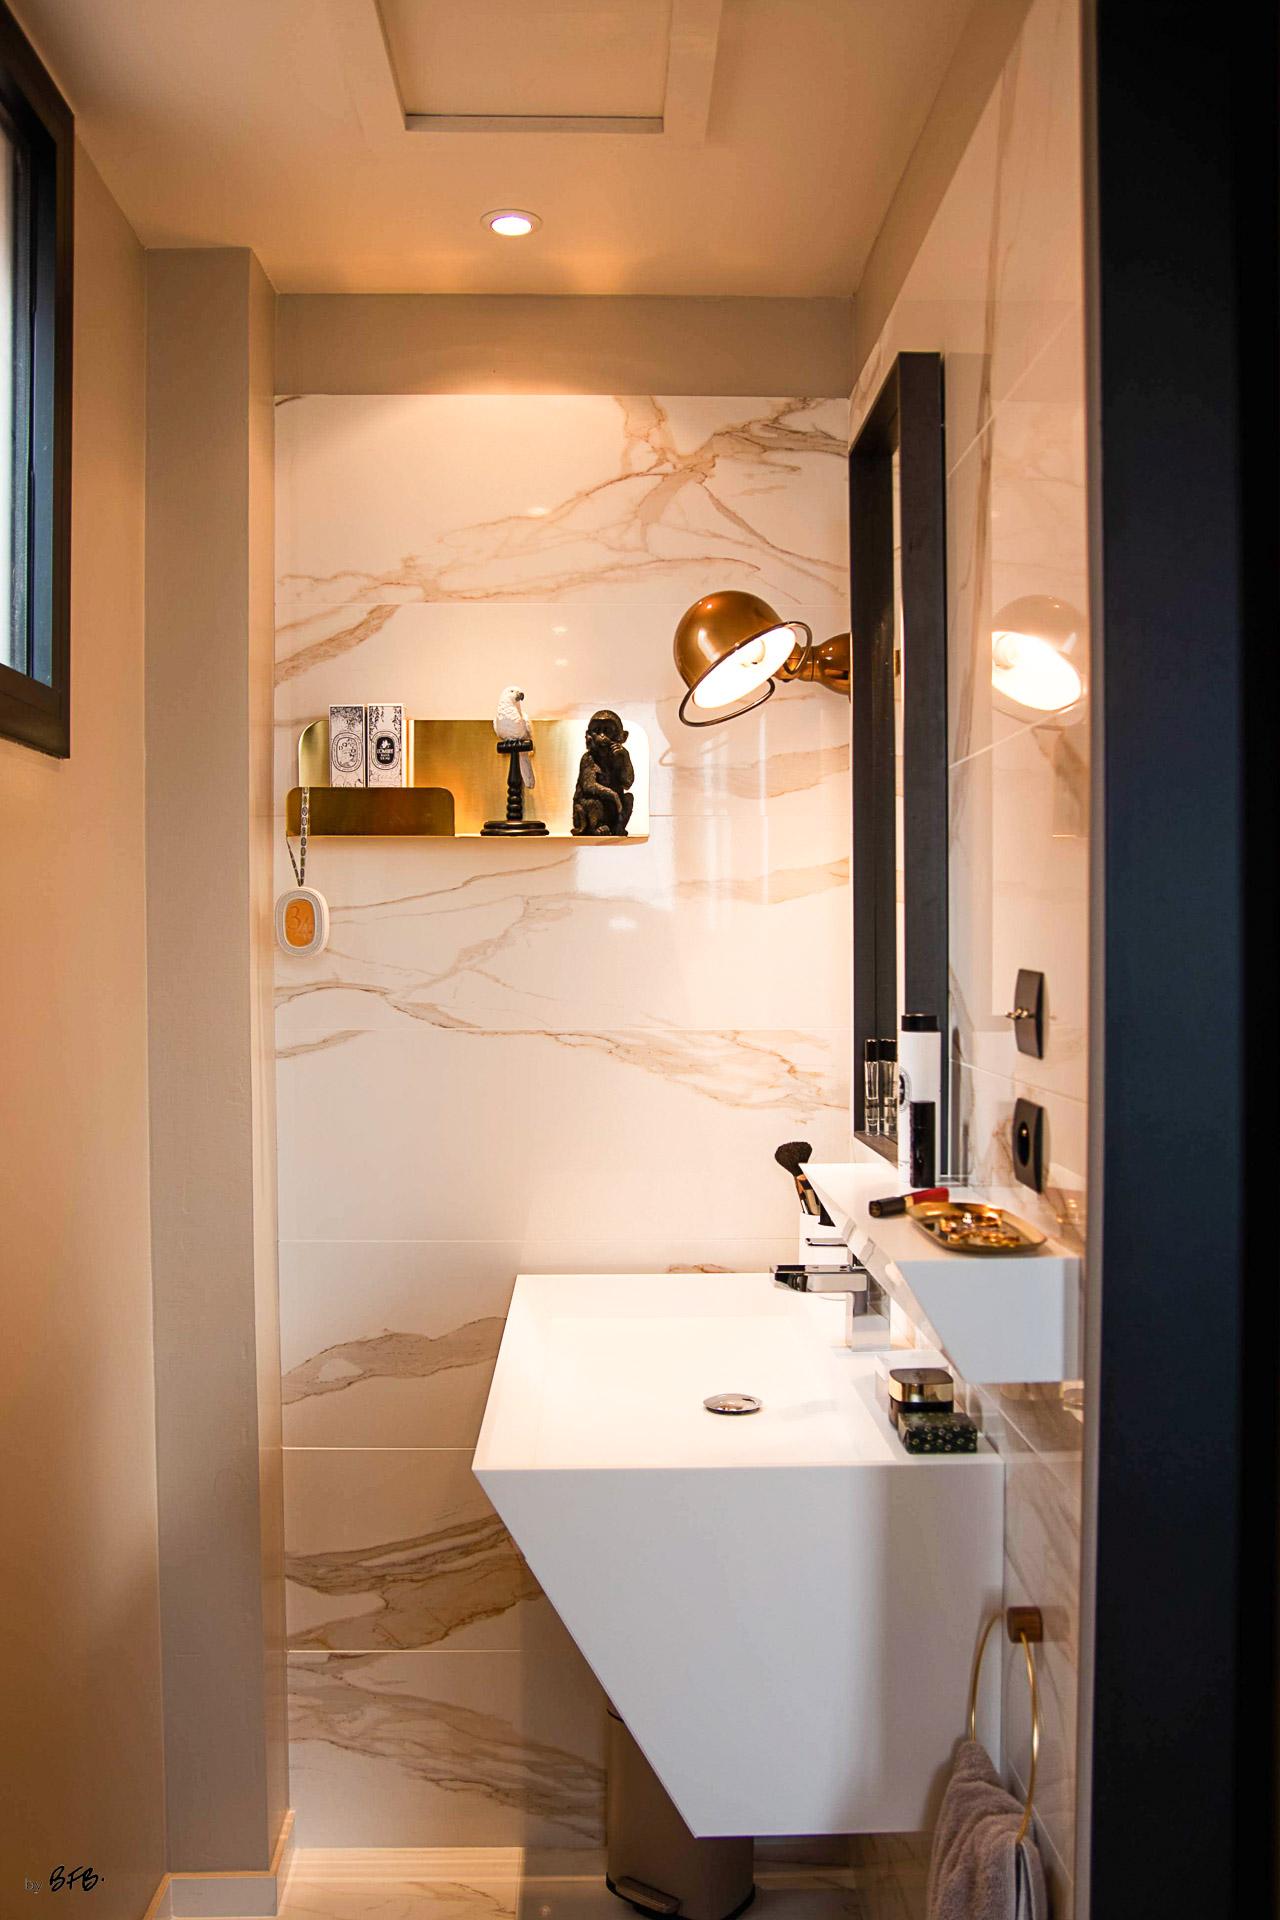 Suite parentale sur le thème des voyages, by Agence BFB, Morbihan et île de Ré, une vasque en @Korian de chez @Porcelanosa, marbre blanc